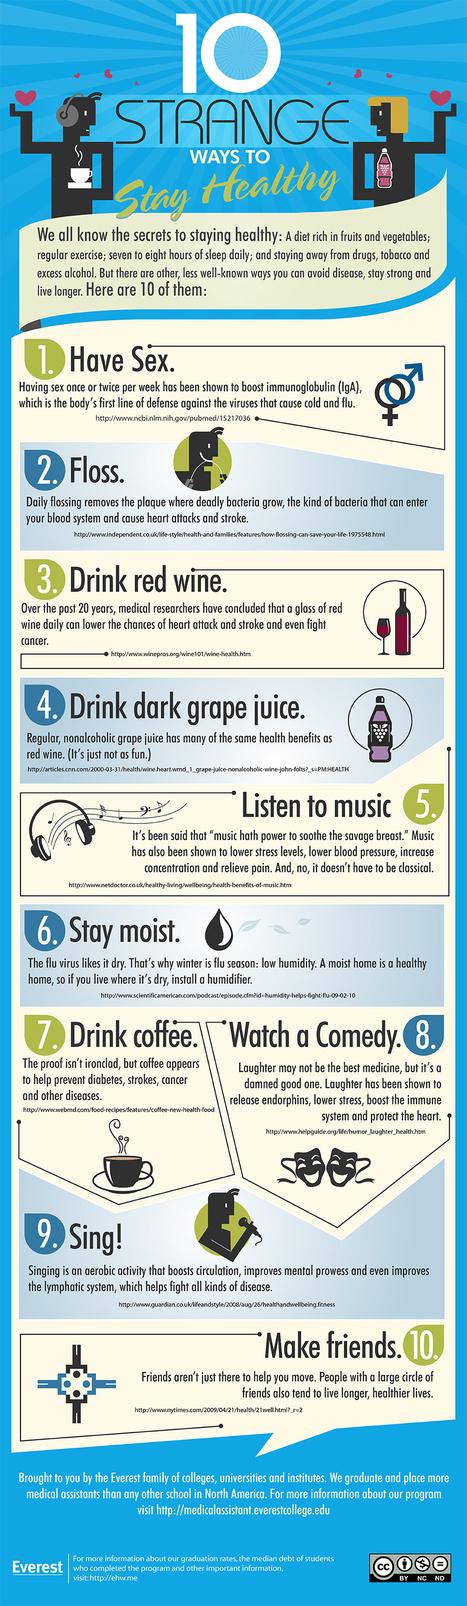 10 extrañas recomendaciones para mantenerse saludable | deportes | Scoop.it